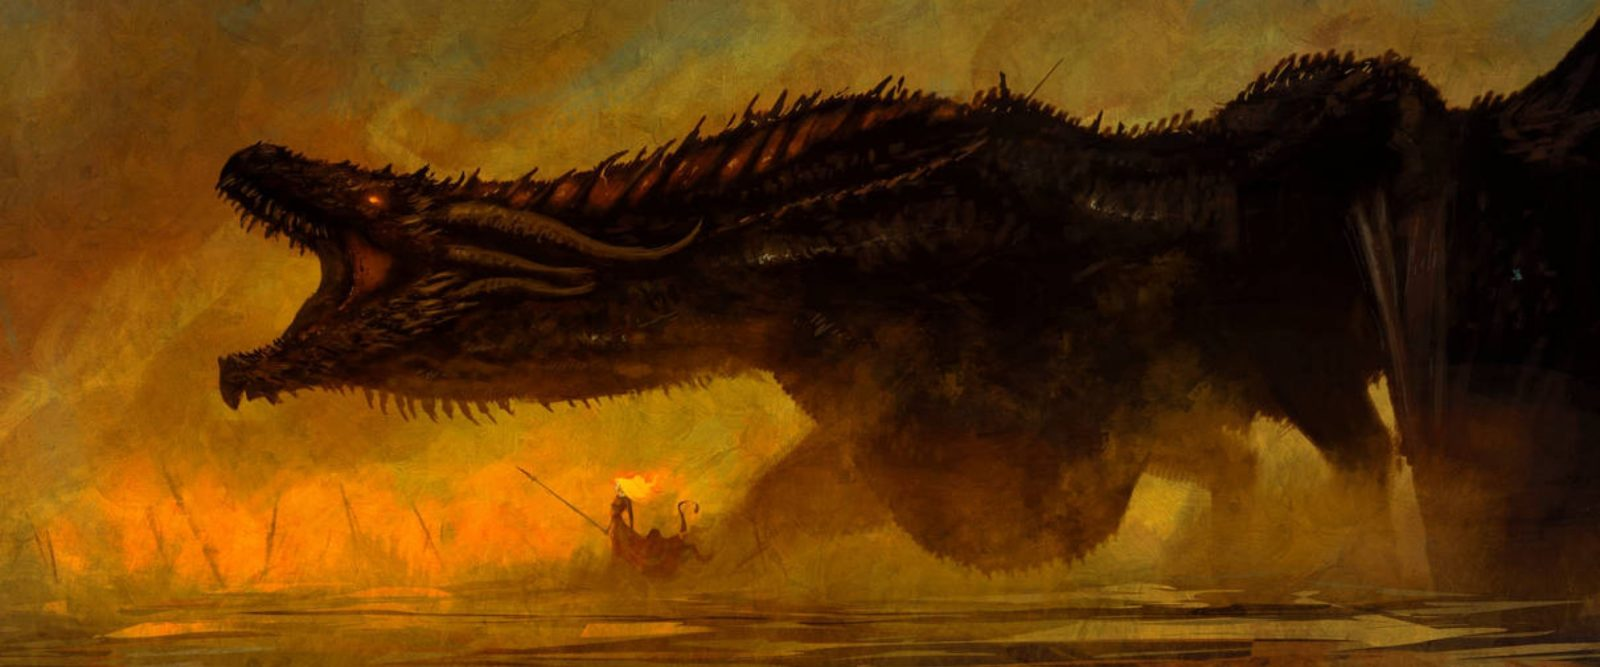 Приквел «Игры престолов»: объявлены новые герои